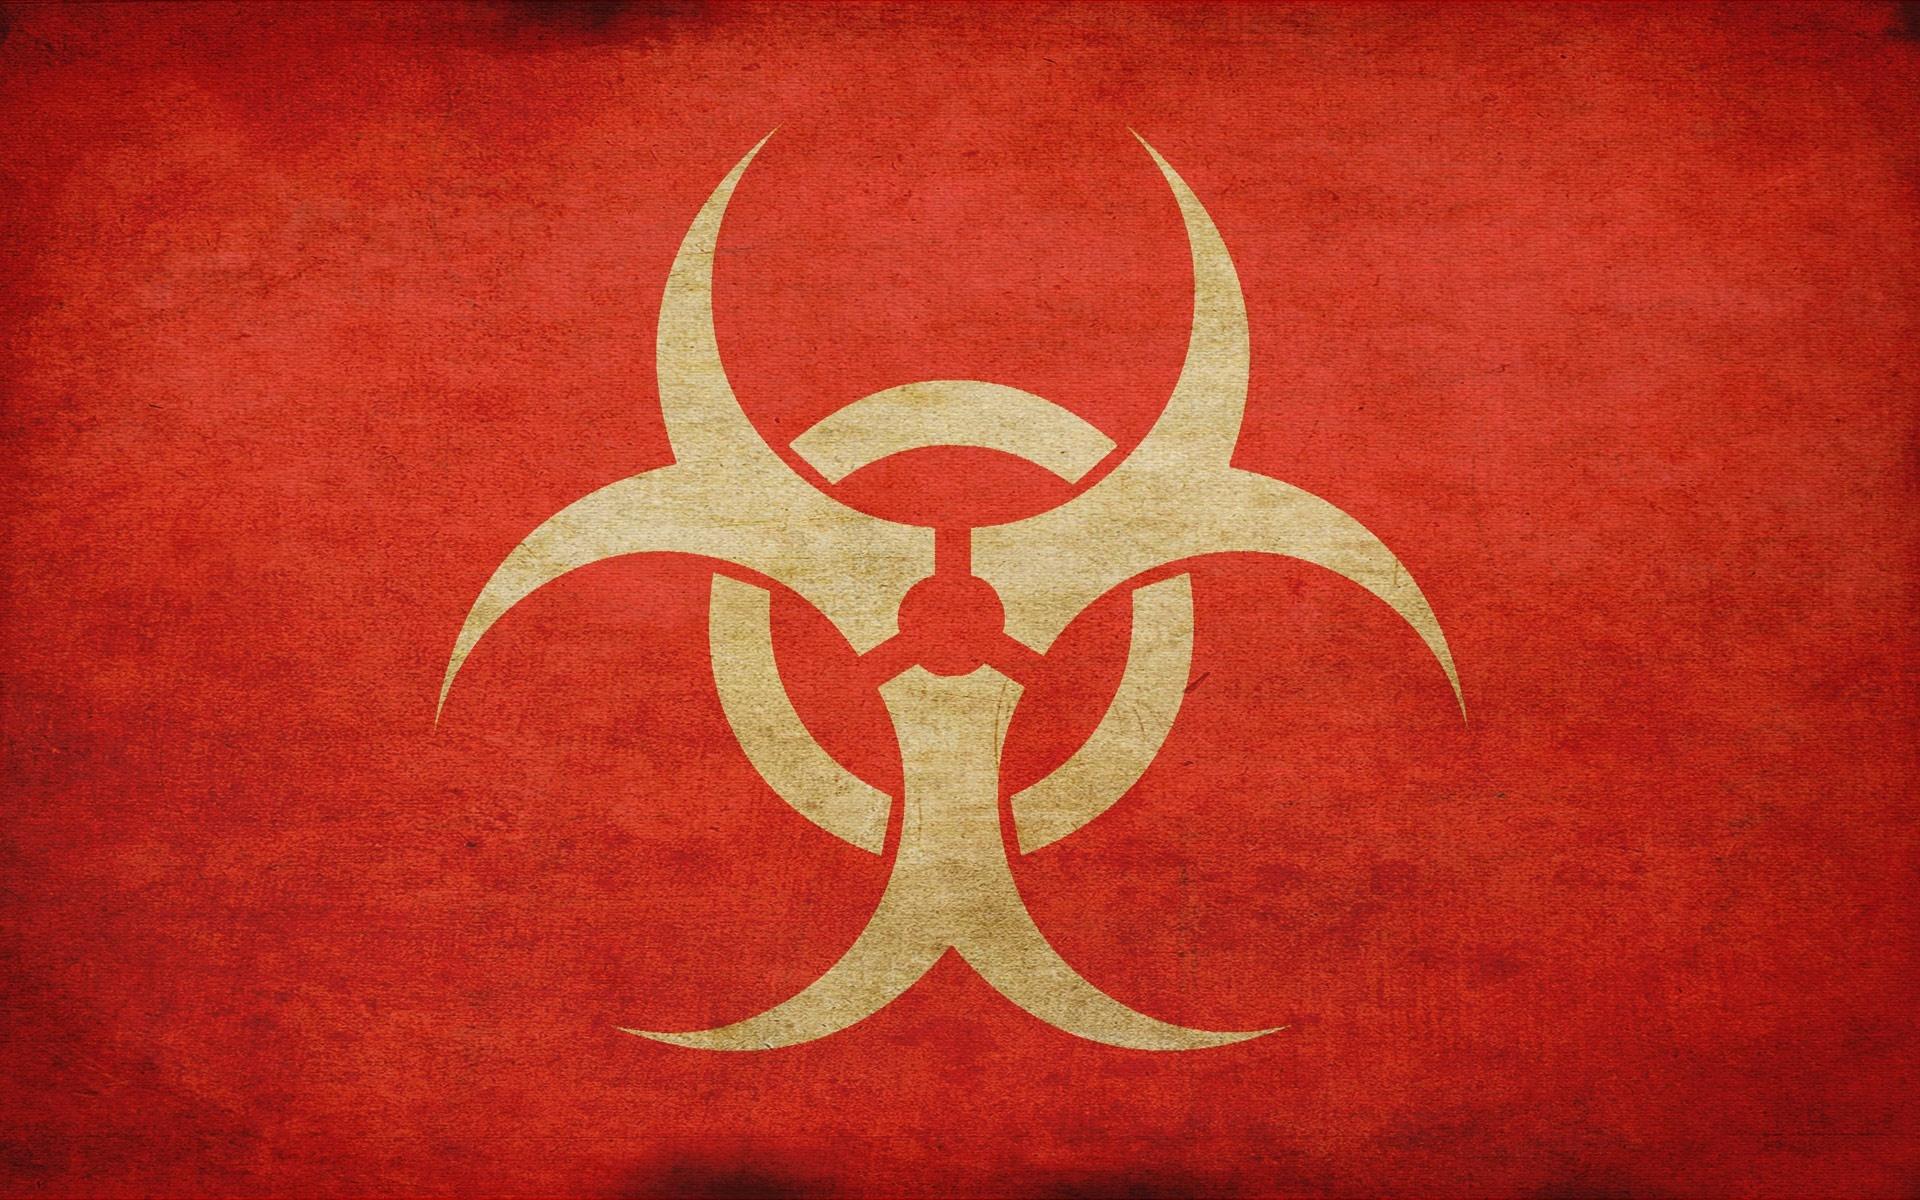 обещают картинки радиации красные нравится америка то